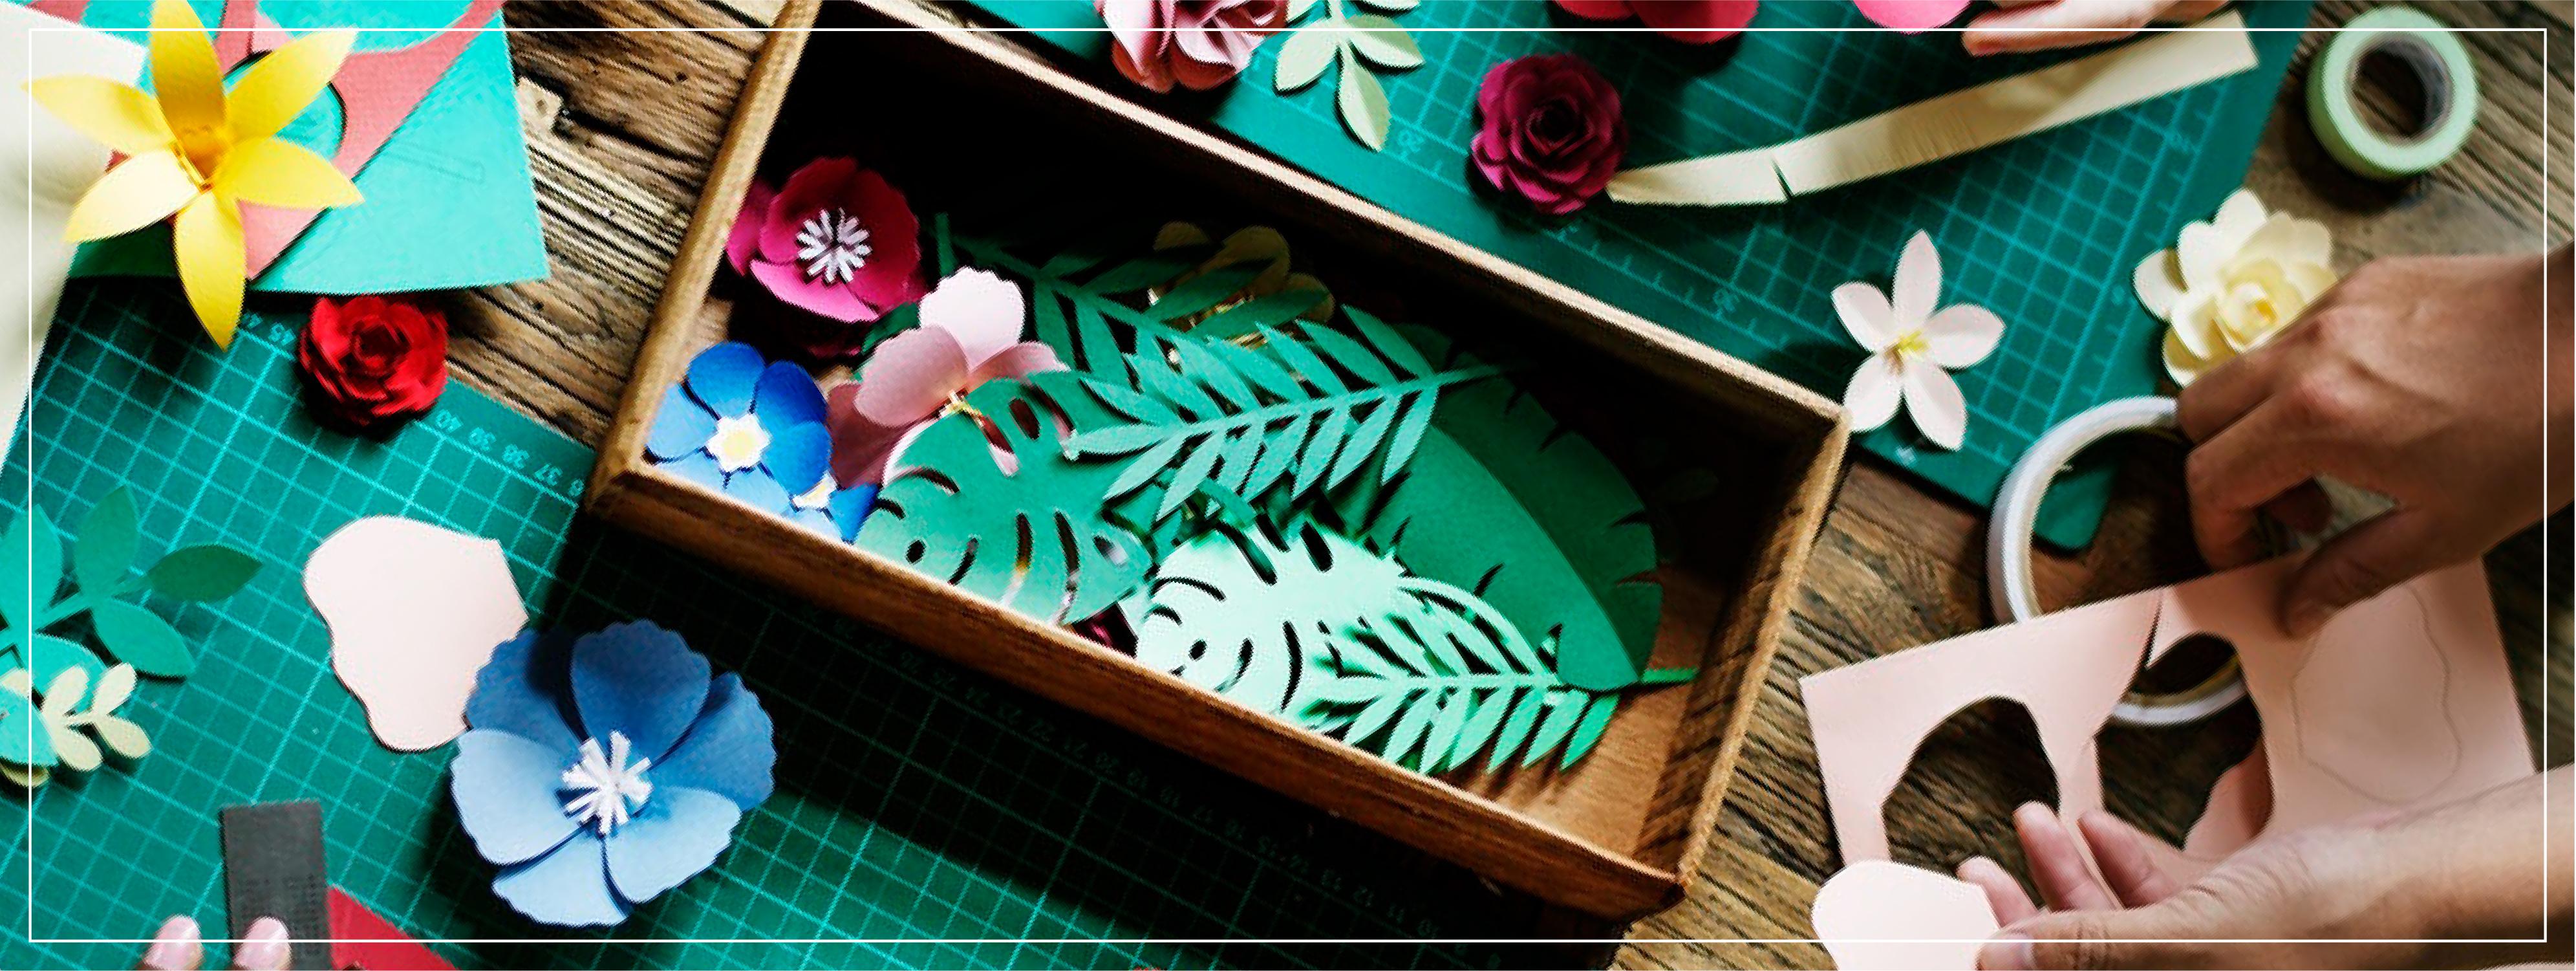 Boîtes de rangement pour artisanat